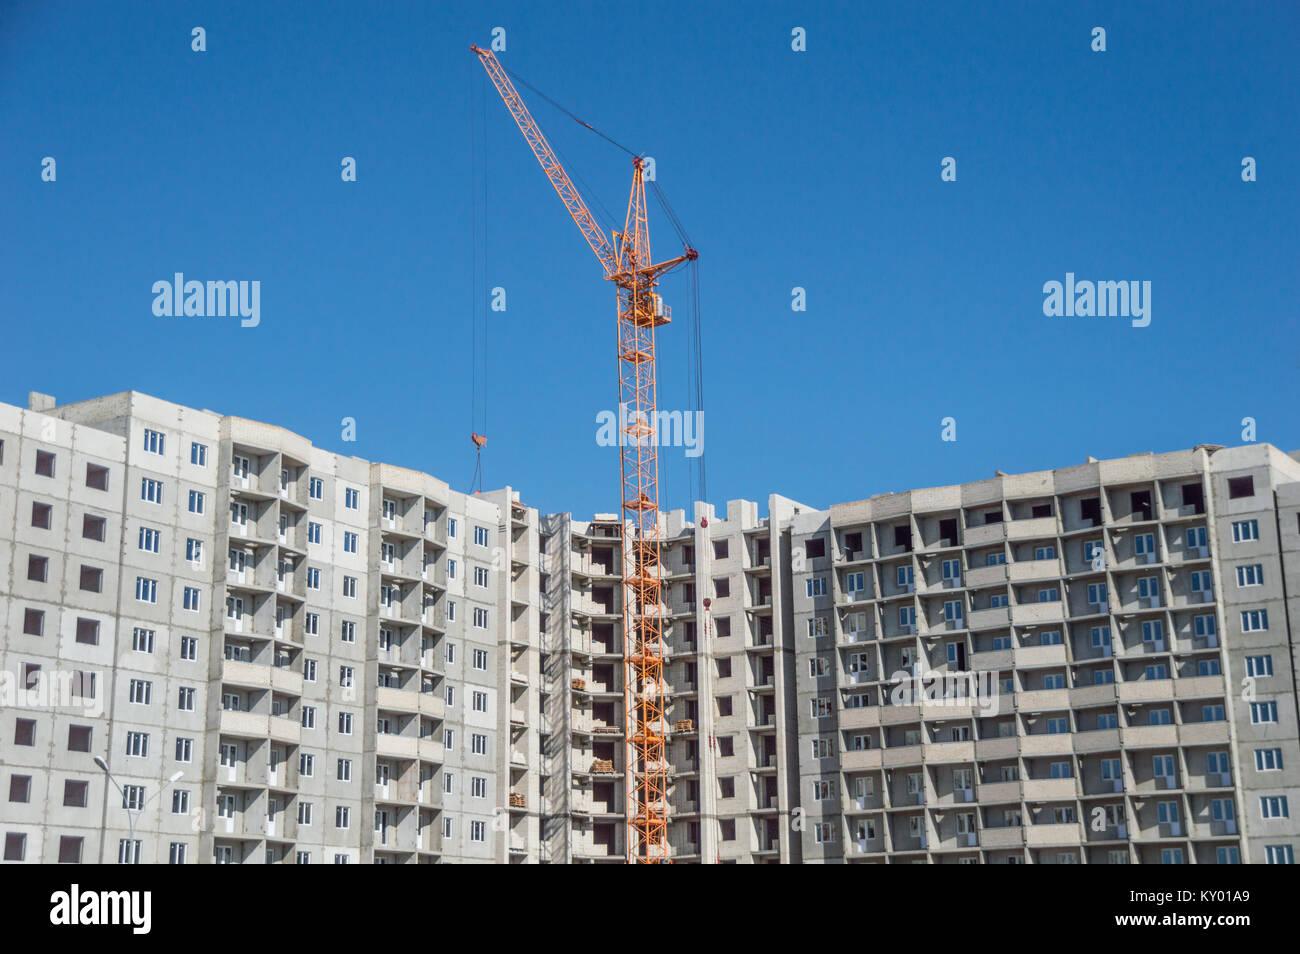 Construction Hoist Stock Photos & Construction Hoist Stock